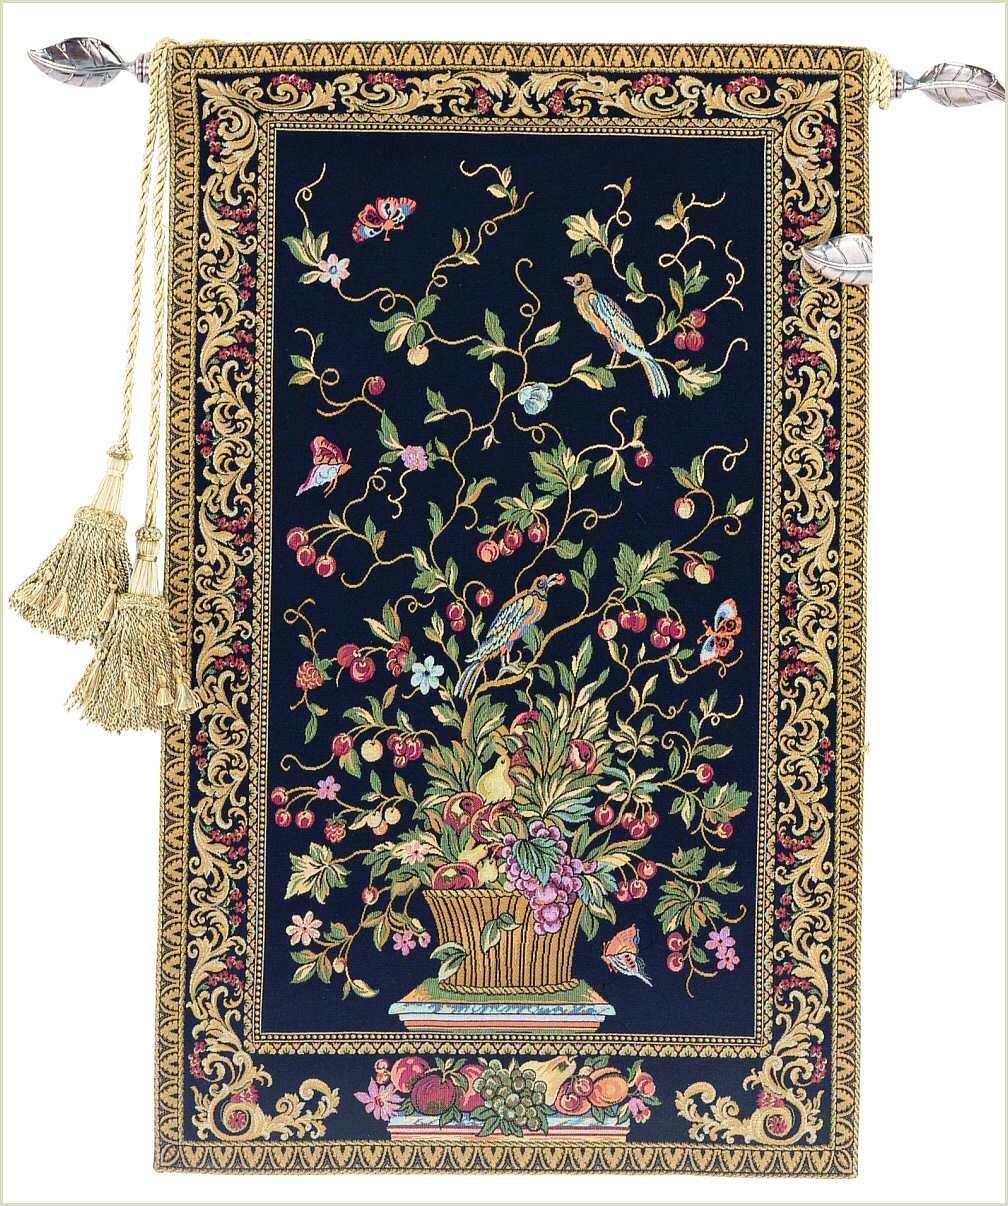 Corona Decor Presentation European Tapestry Wall Hanging CORONA DECOR COMPANY 3670//mu